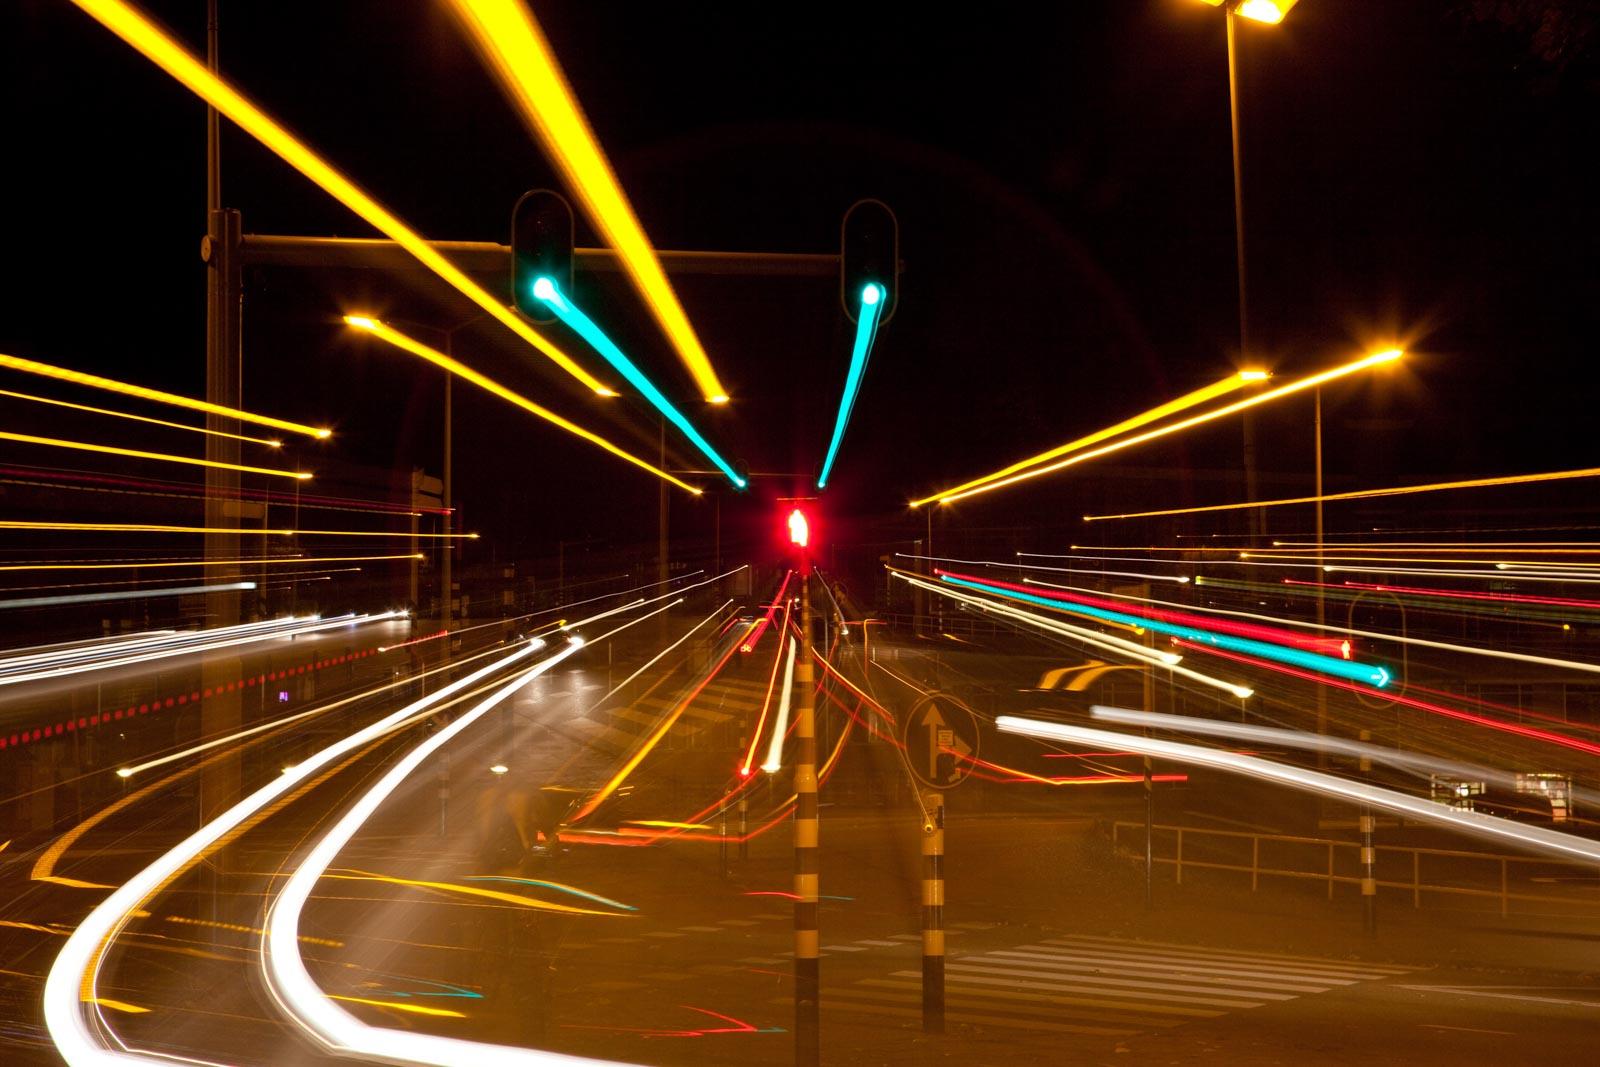 Nachtfoto van stoplicht waar op is ingezoomd